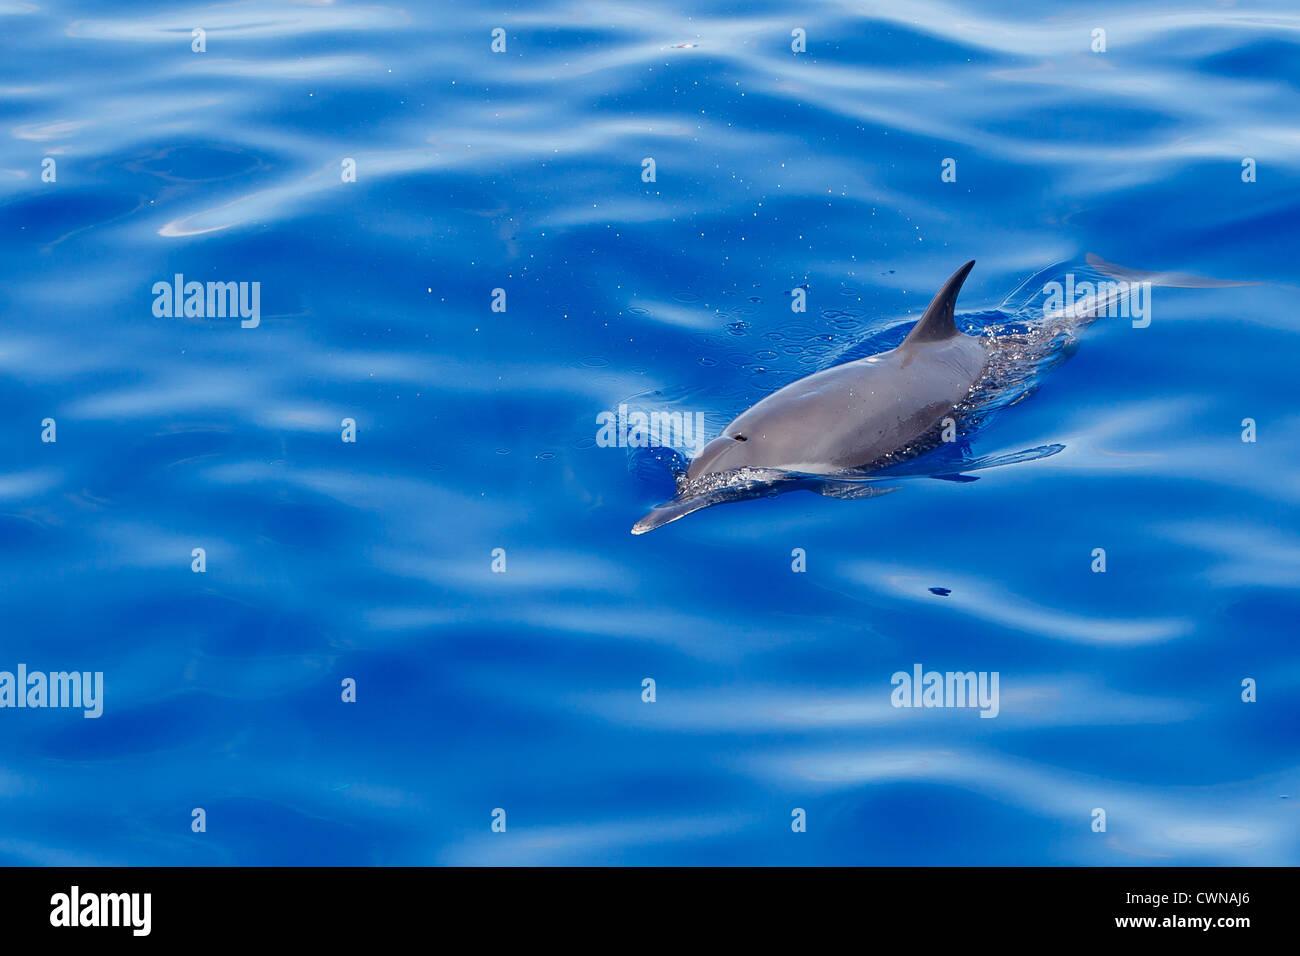 Pantropical Spotted Dolphin, Stenella attenuata, Schlankdelfin, Maldives - Stock Image